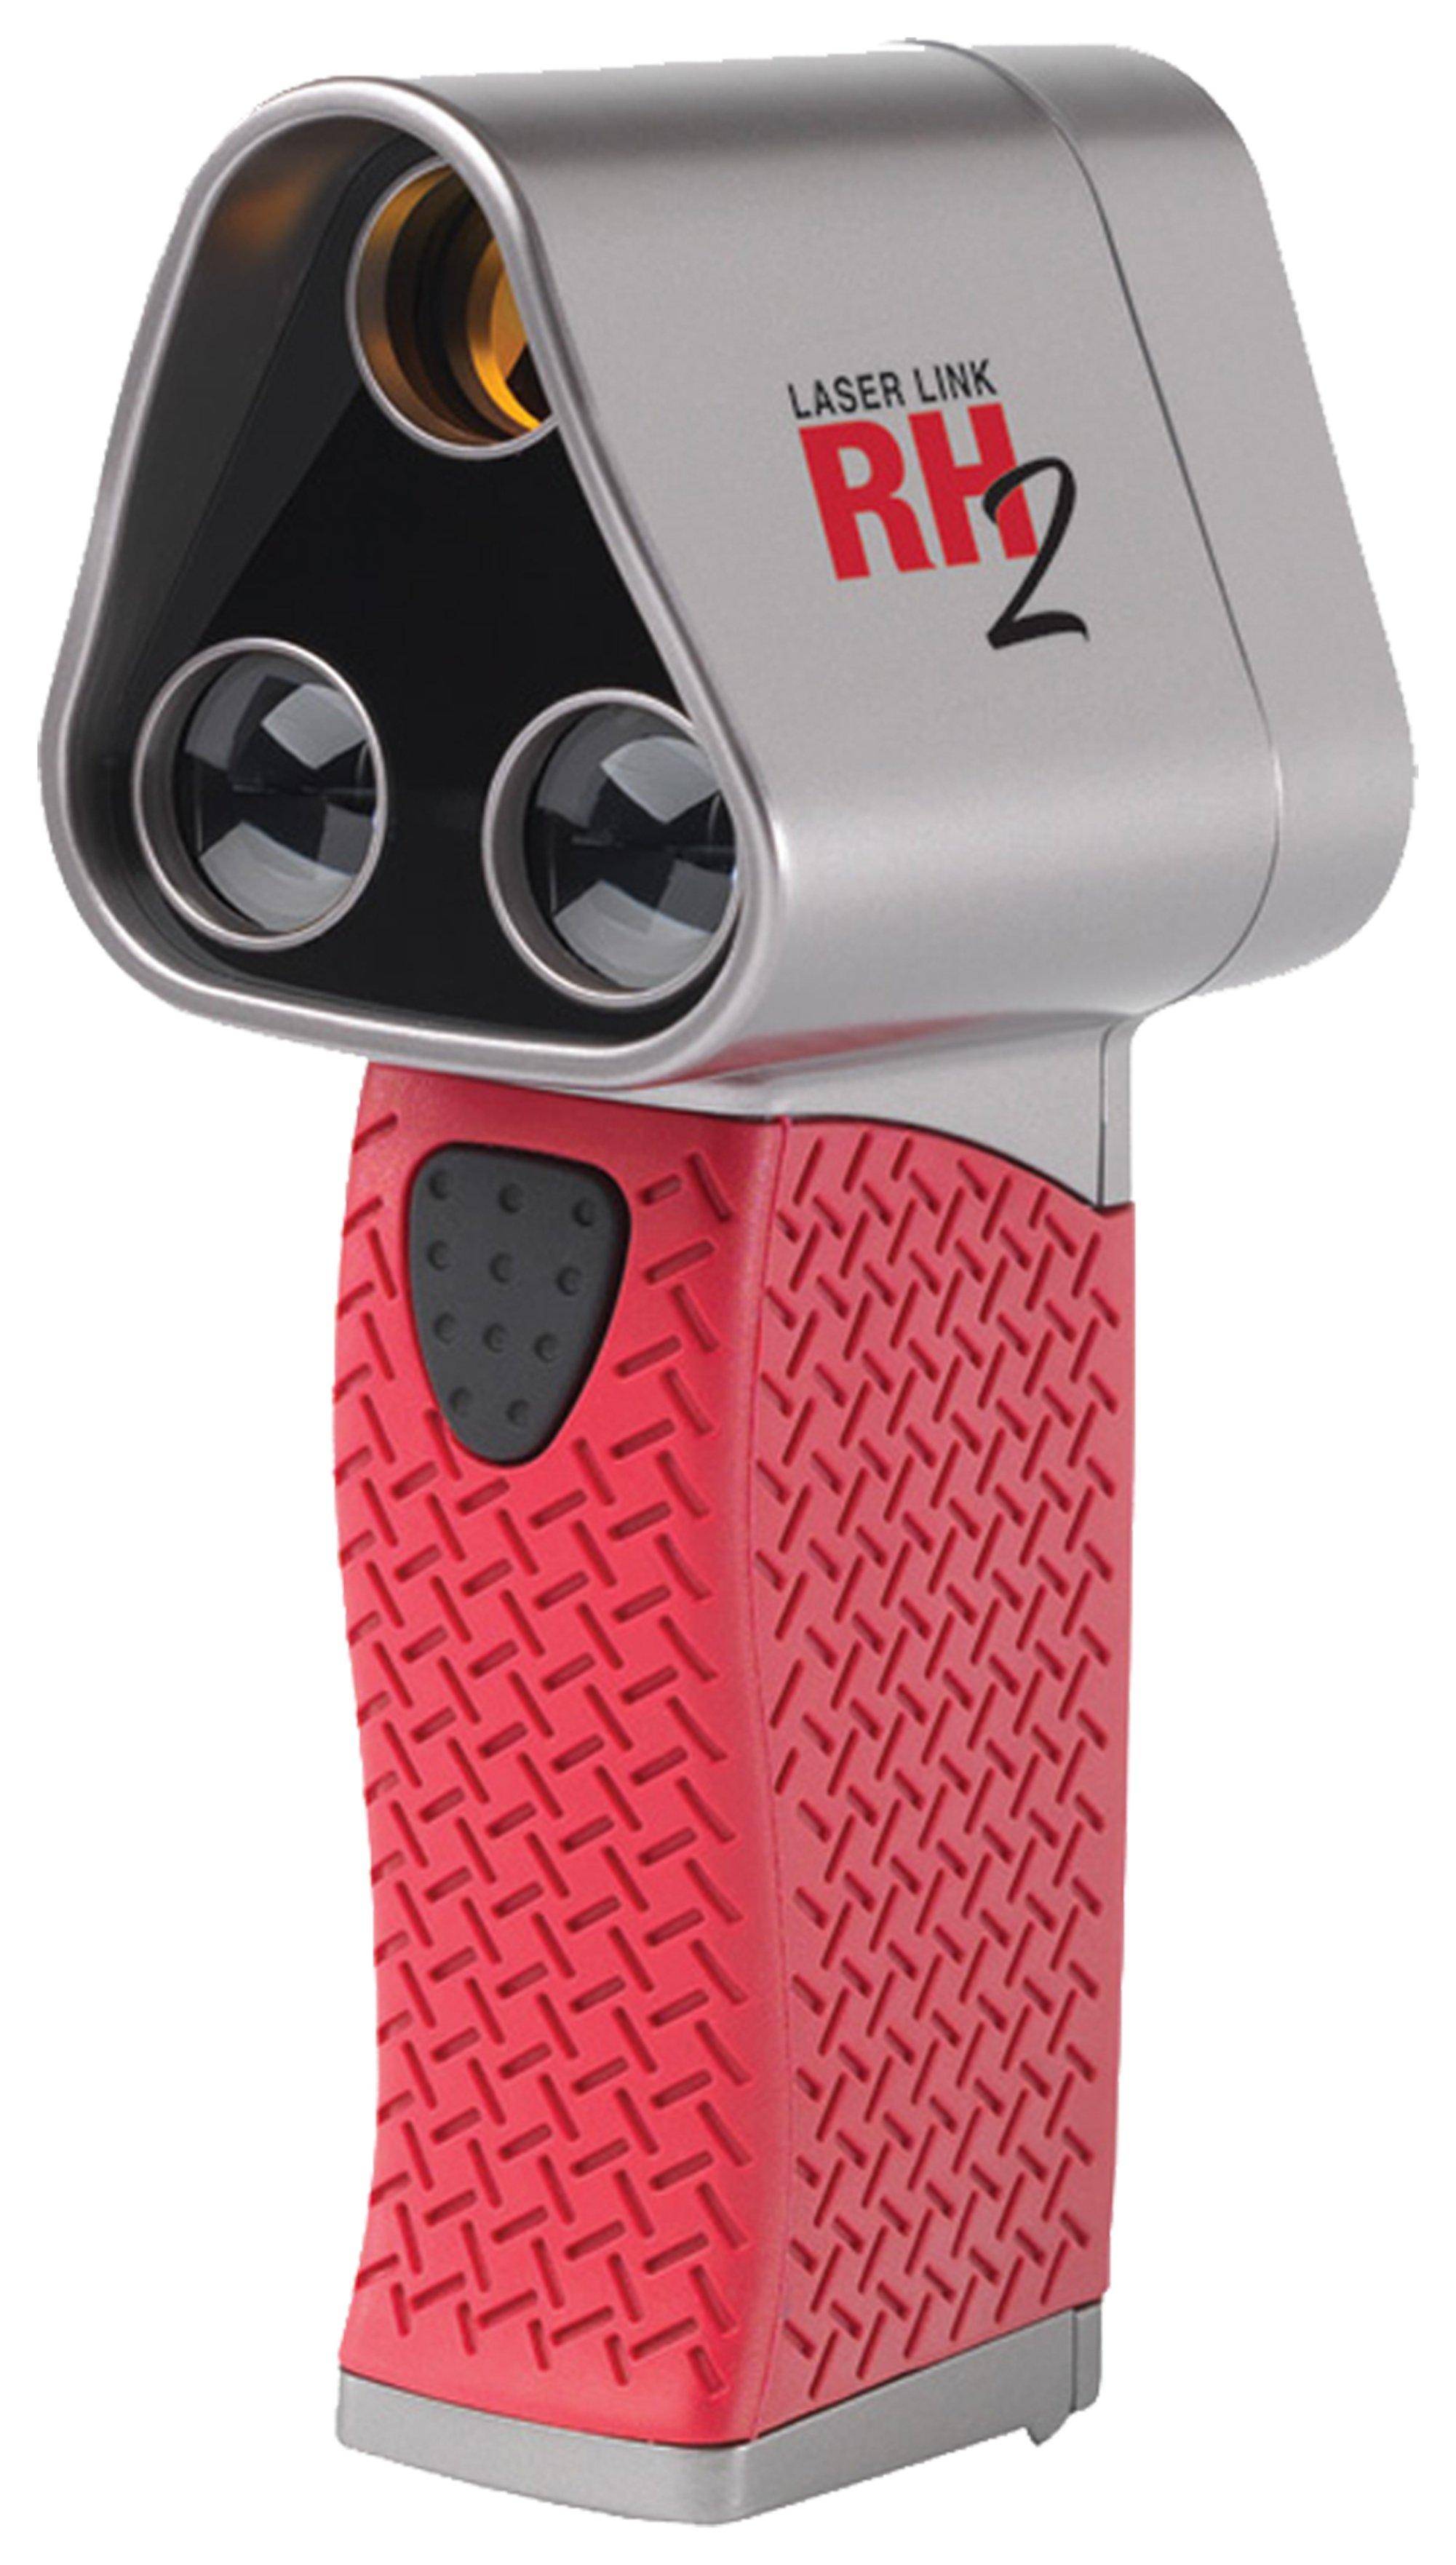 Laser Link RH2 Golf Range Finder